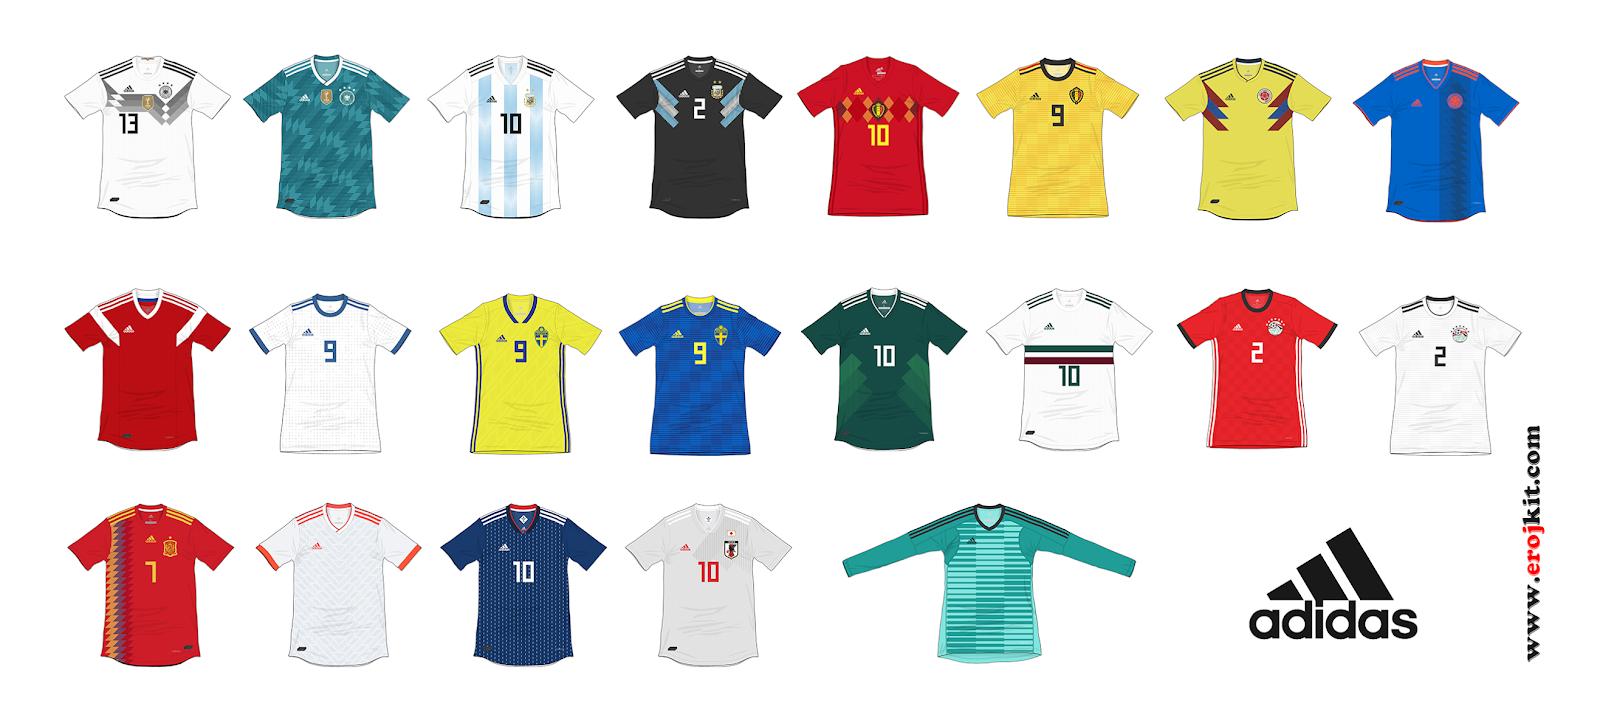 Camisas da Copa do Mundo 2018 832fd4e0bd503